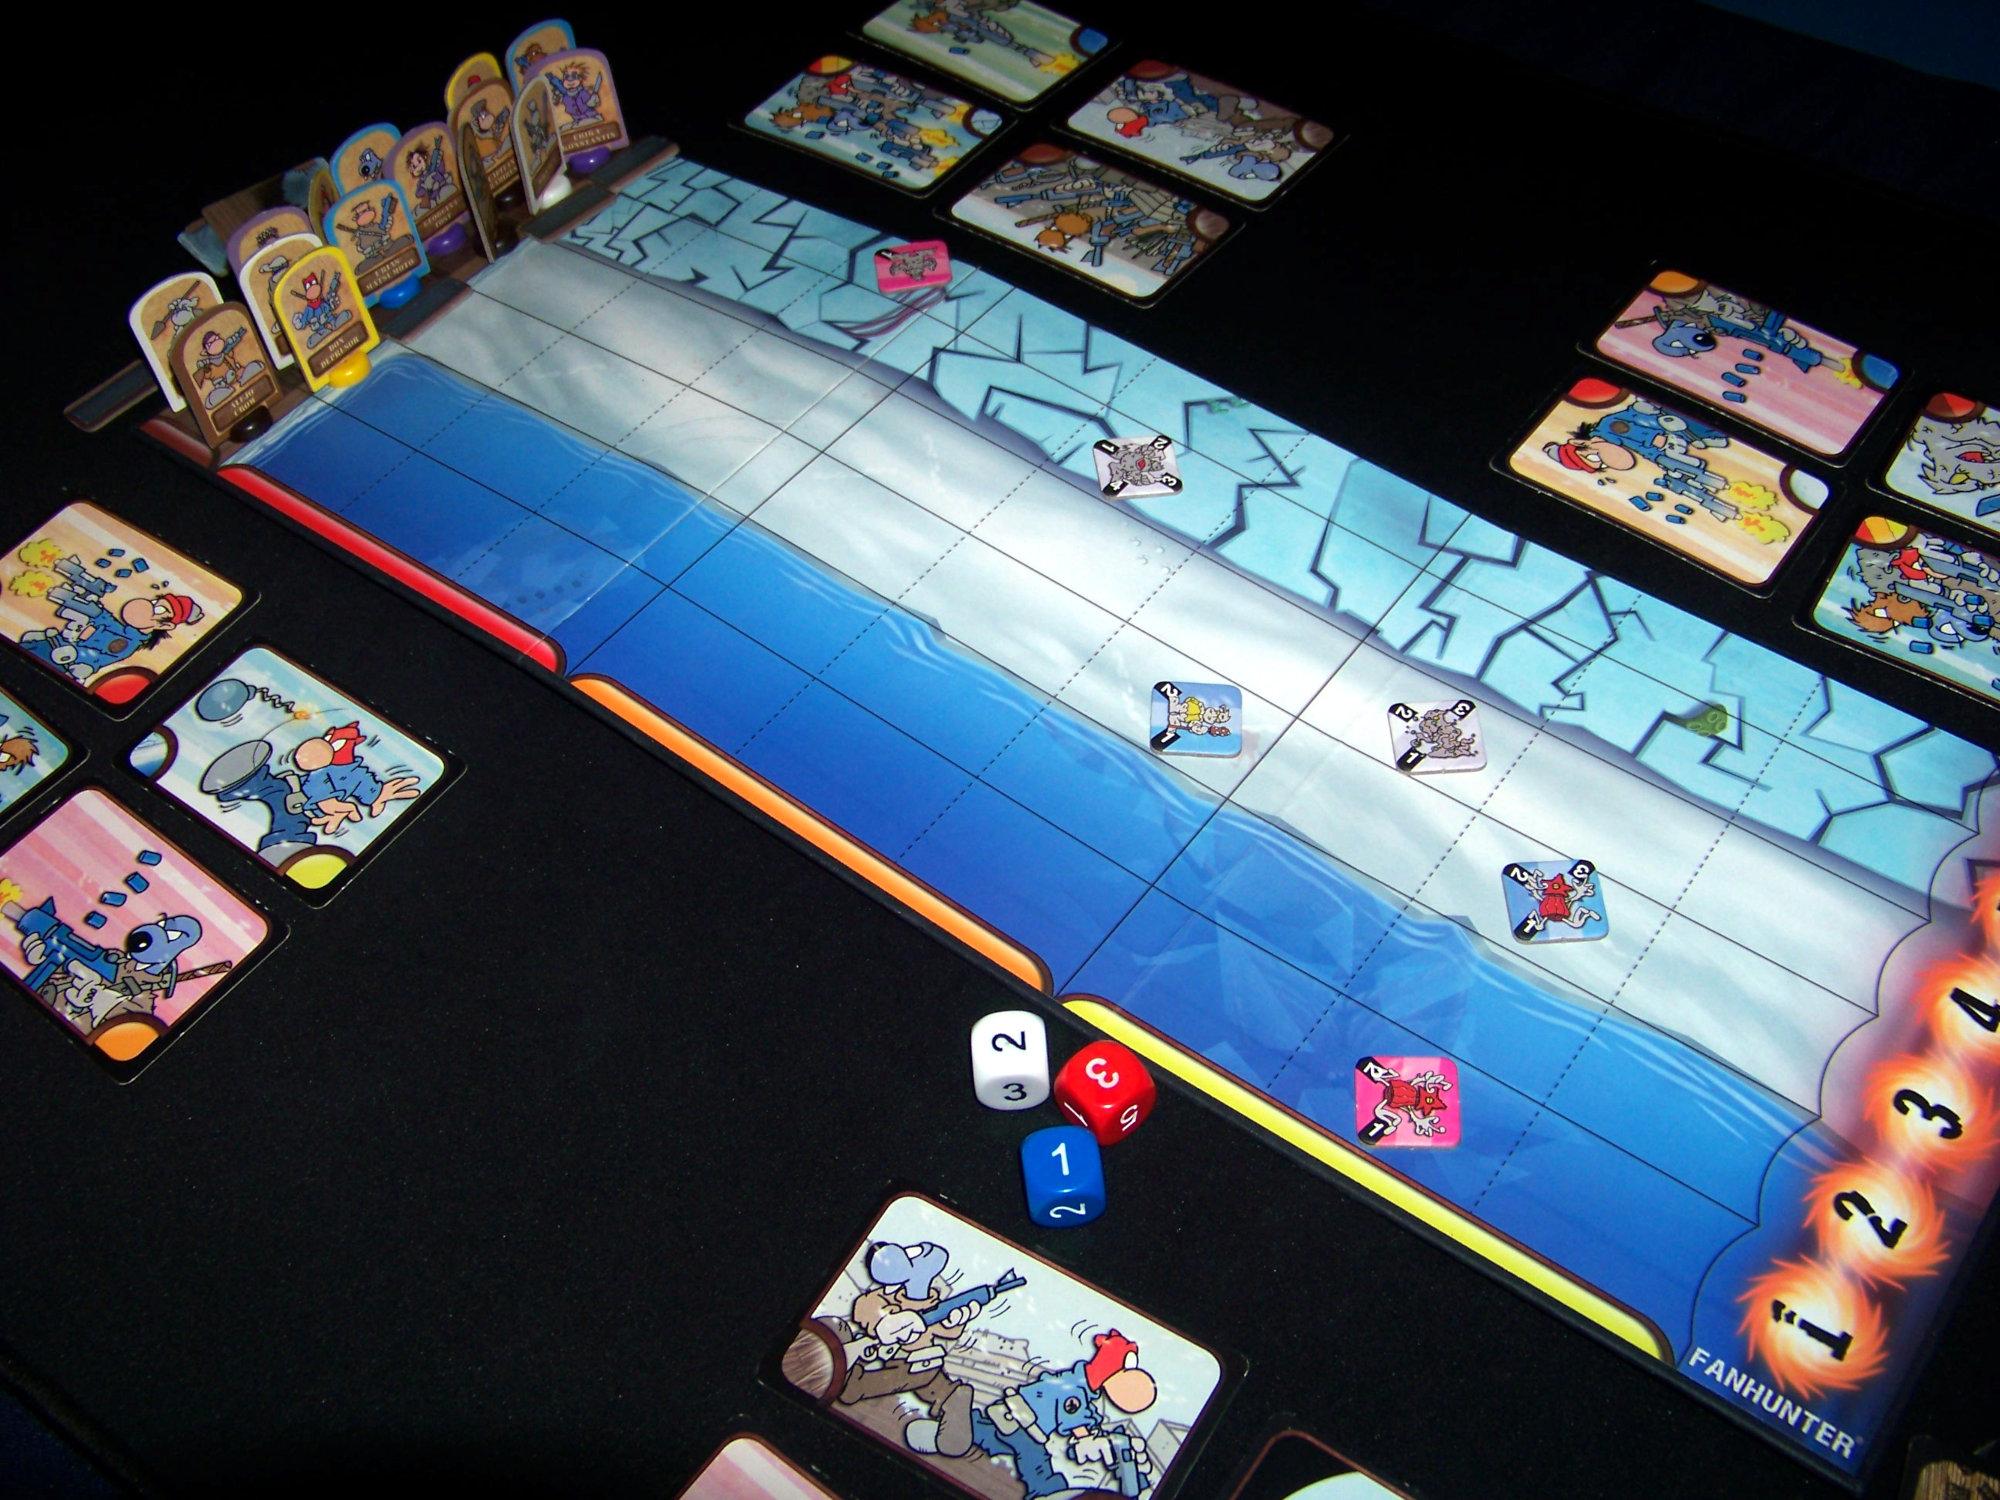 Juego de mesa Fanhunter Las Montañas de la Locura - durante la partida